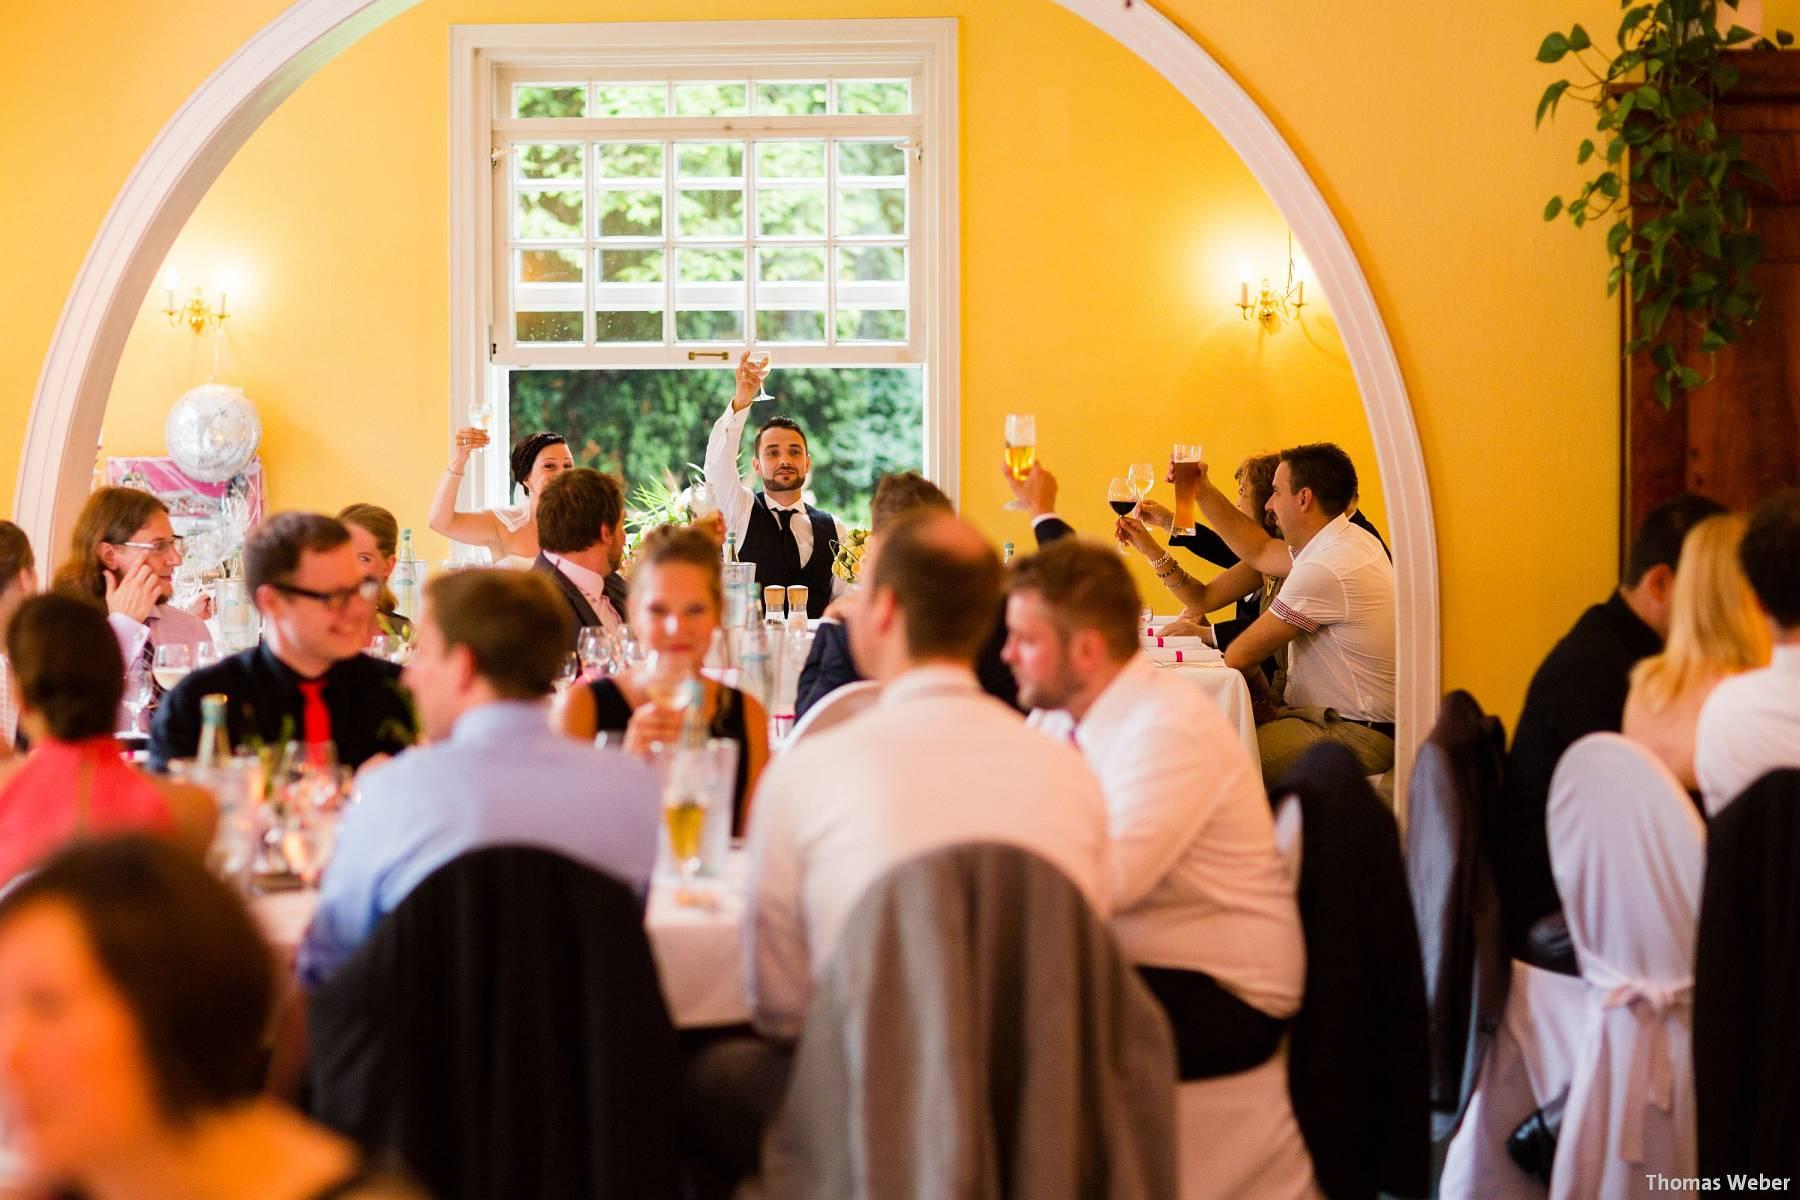 Hochzeitsfotograf Oldenburg: Kirchliche Trauung in der Garnisonkirche Oldenburg und Feier im Landhaus Etzhorn Oldenburg (15)